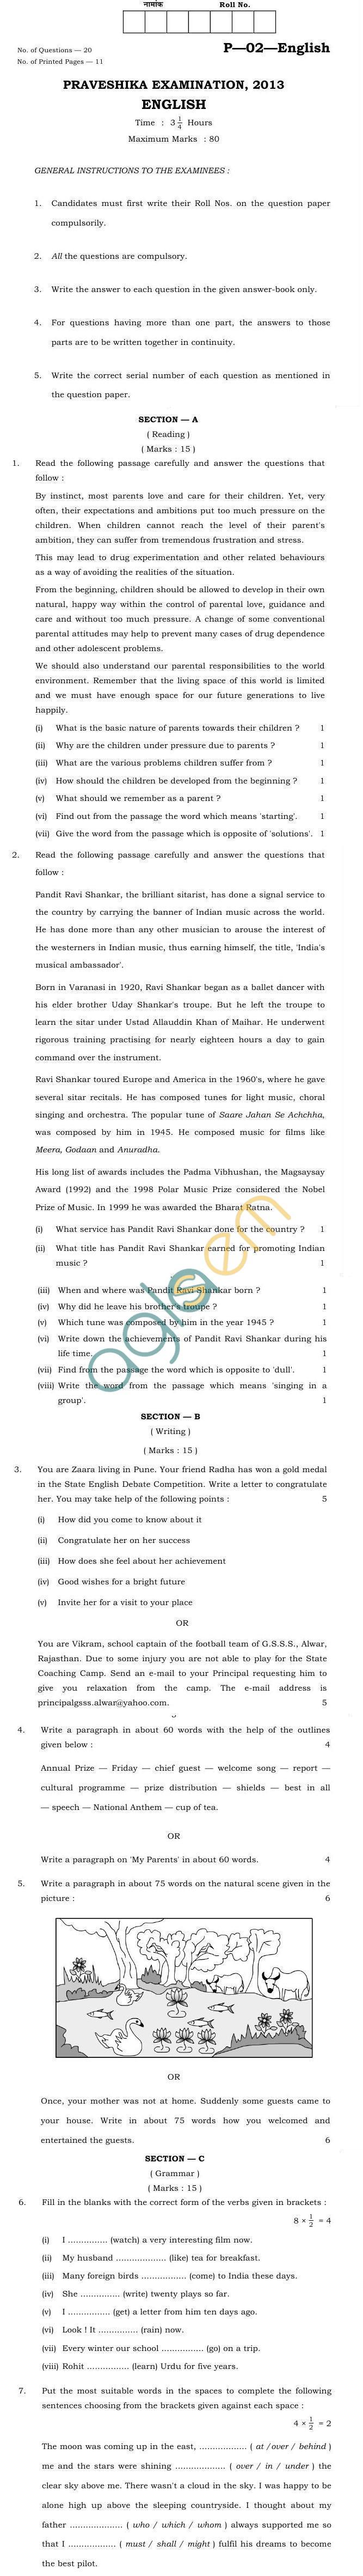 Rajasthan Board Praveshika English Question Paper 2013